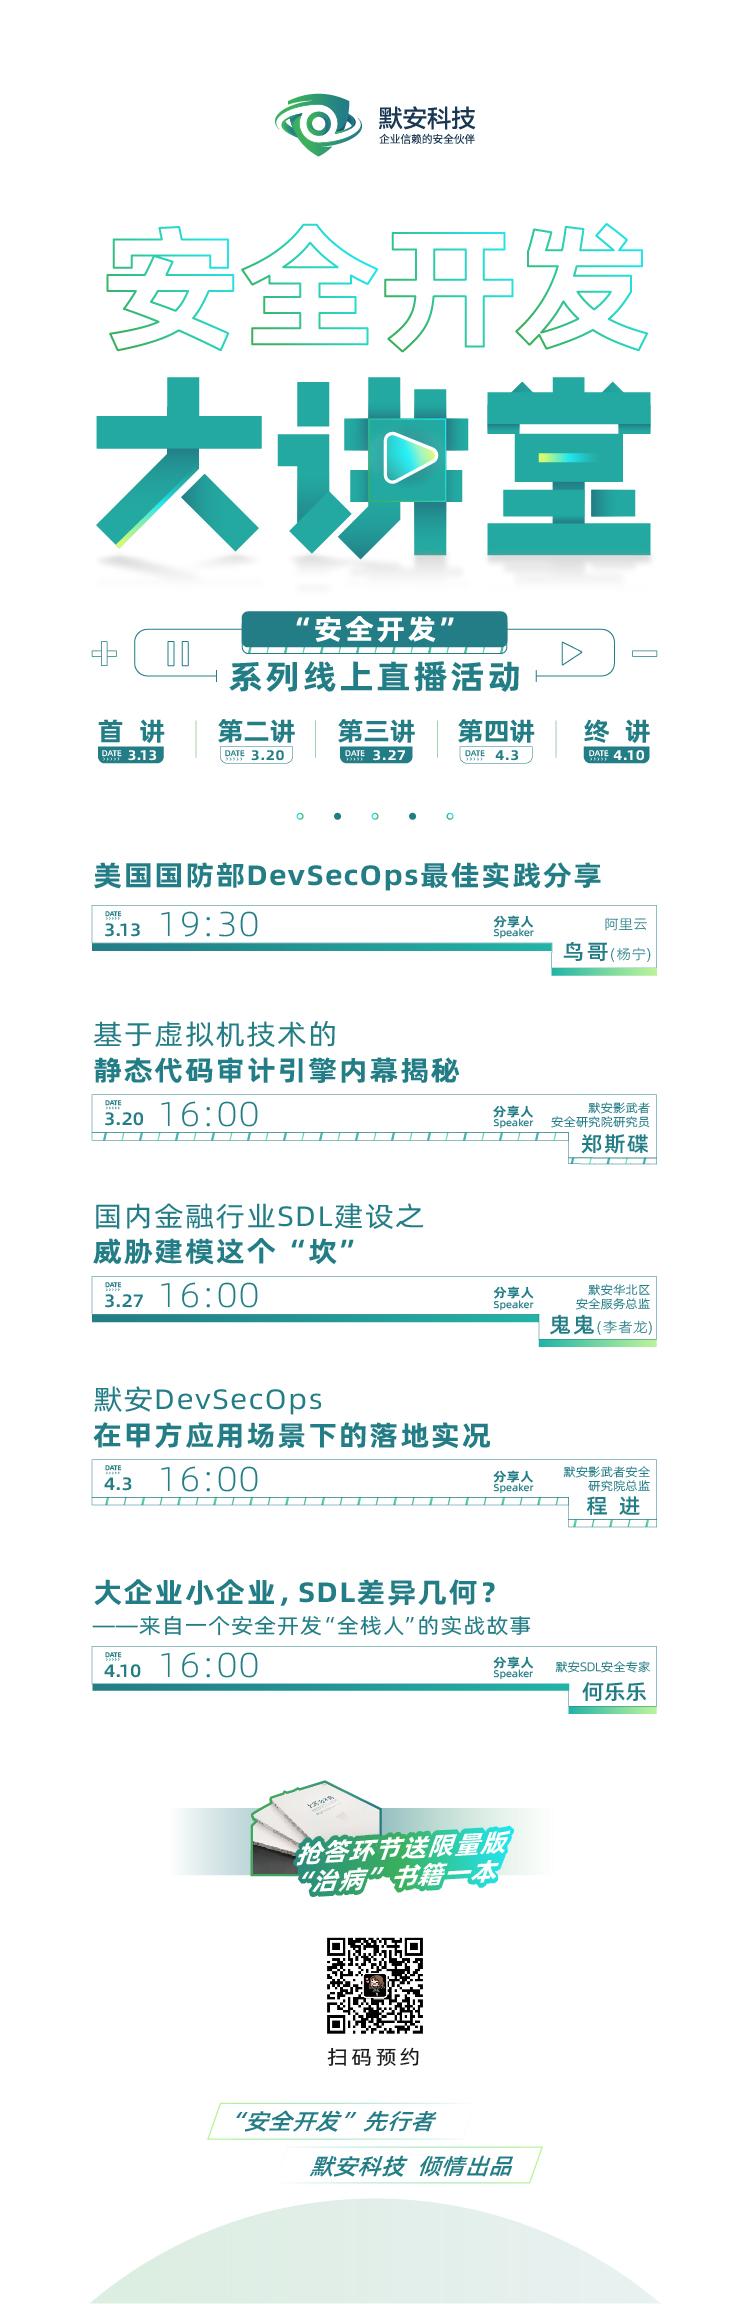 安全开发大讲堂-202003.jpg